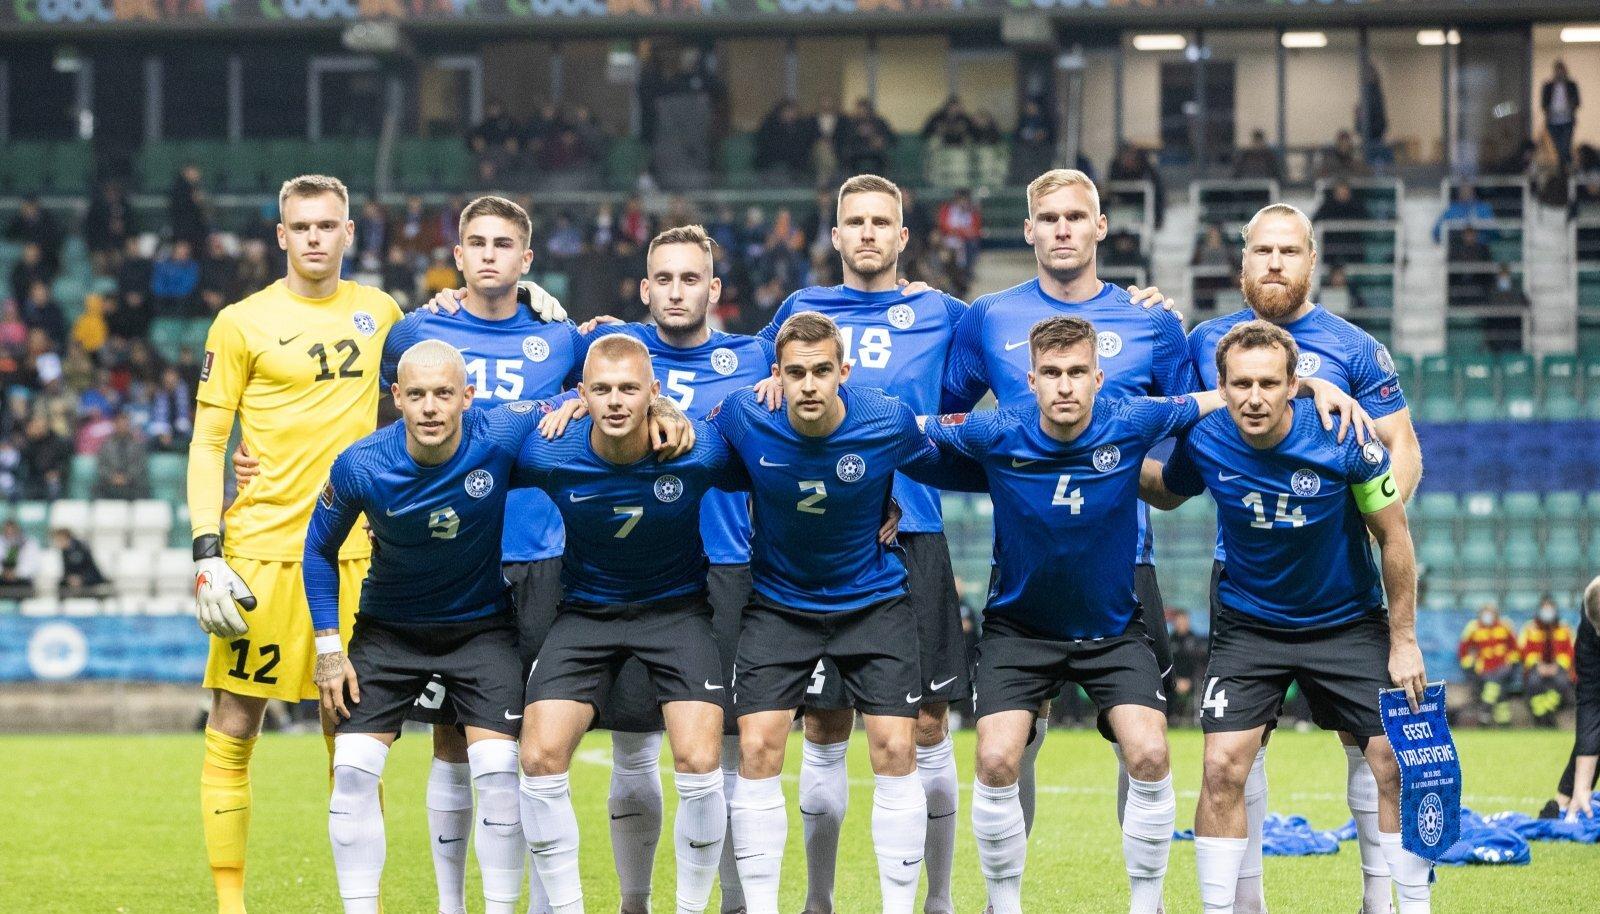 Eesti - Valgevene jalgpalli MM-valikmäng A. Le Coqil